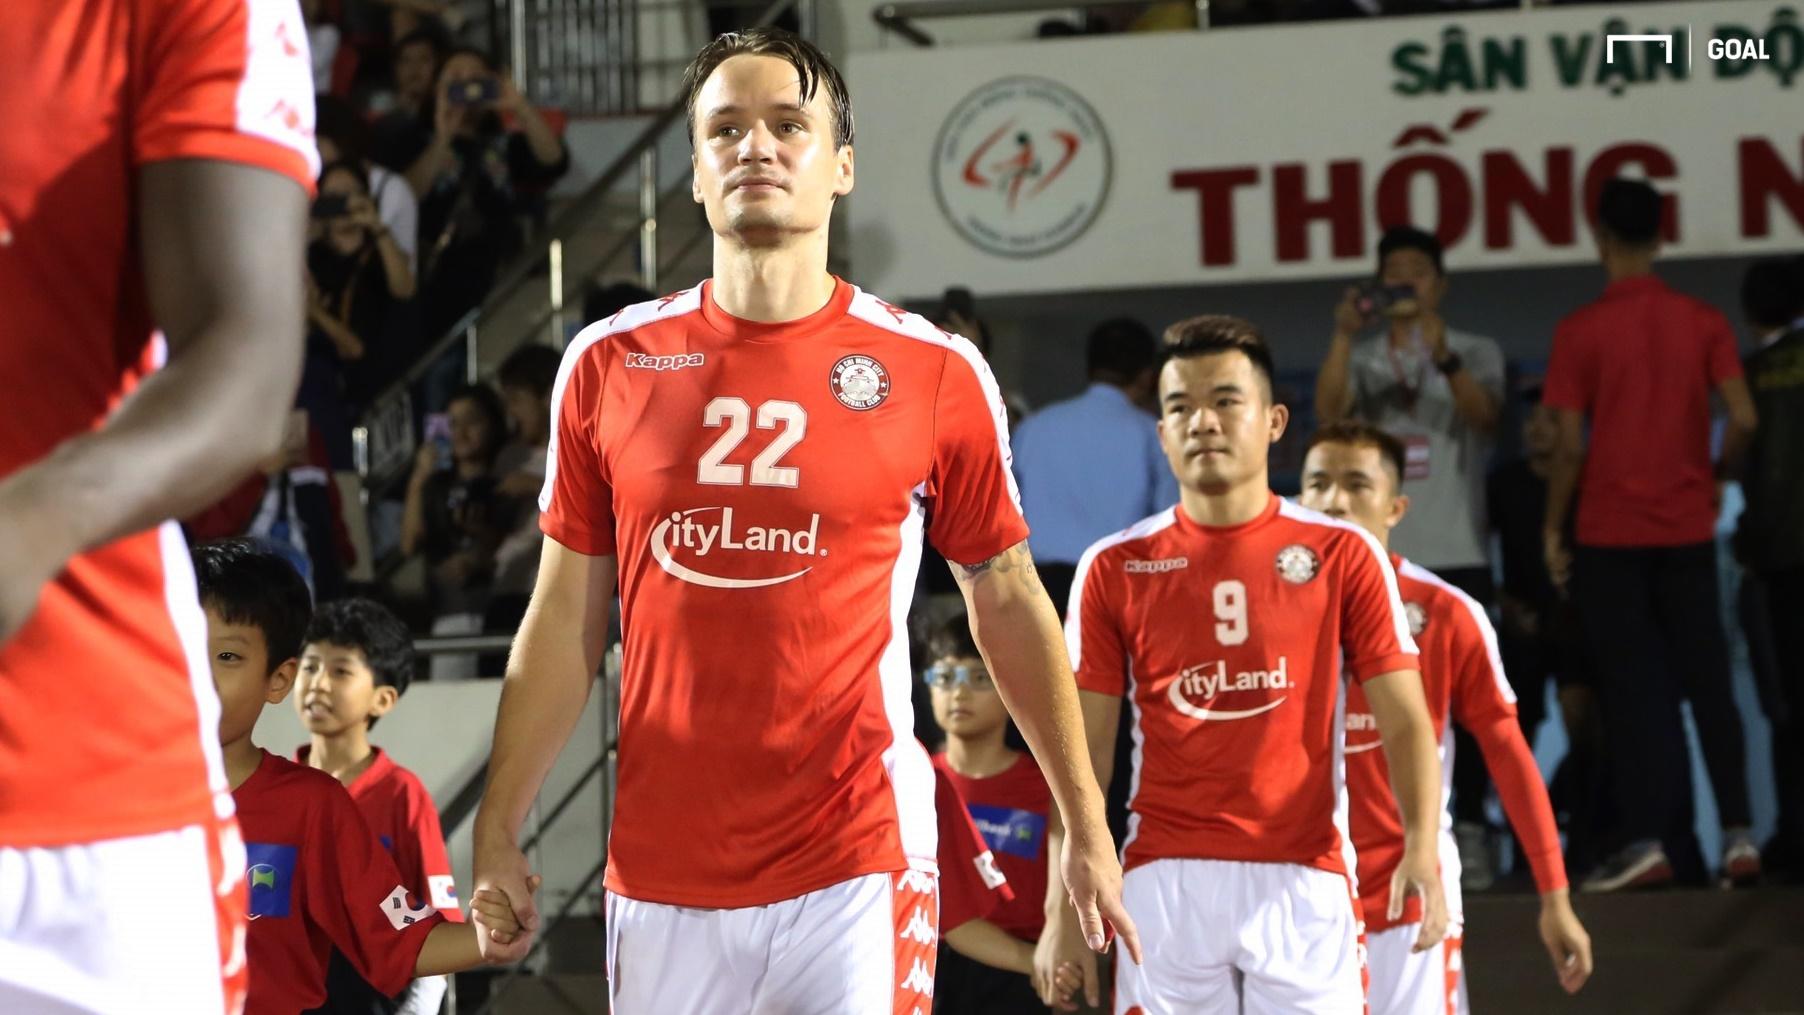 AFC ra phán quyết về yêu cầu hoãn trận đấu của CLB TP.HCM - Bóng Đá